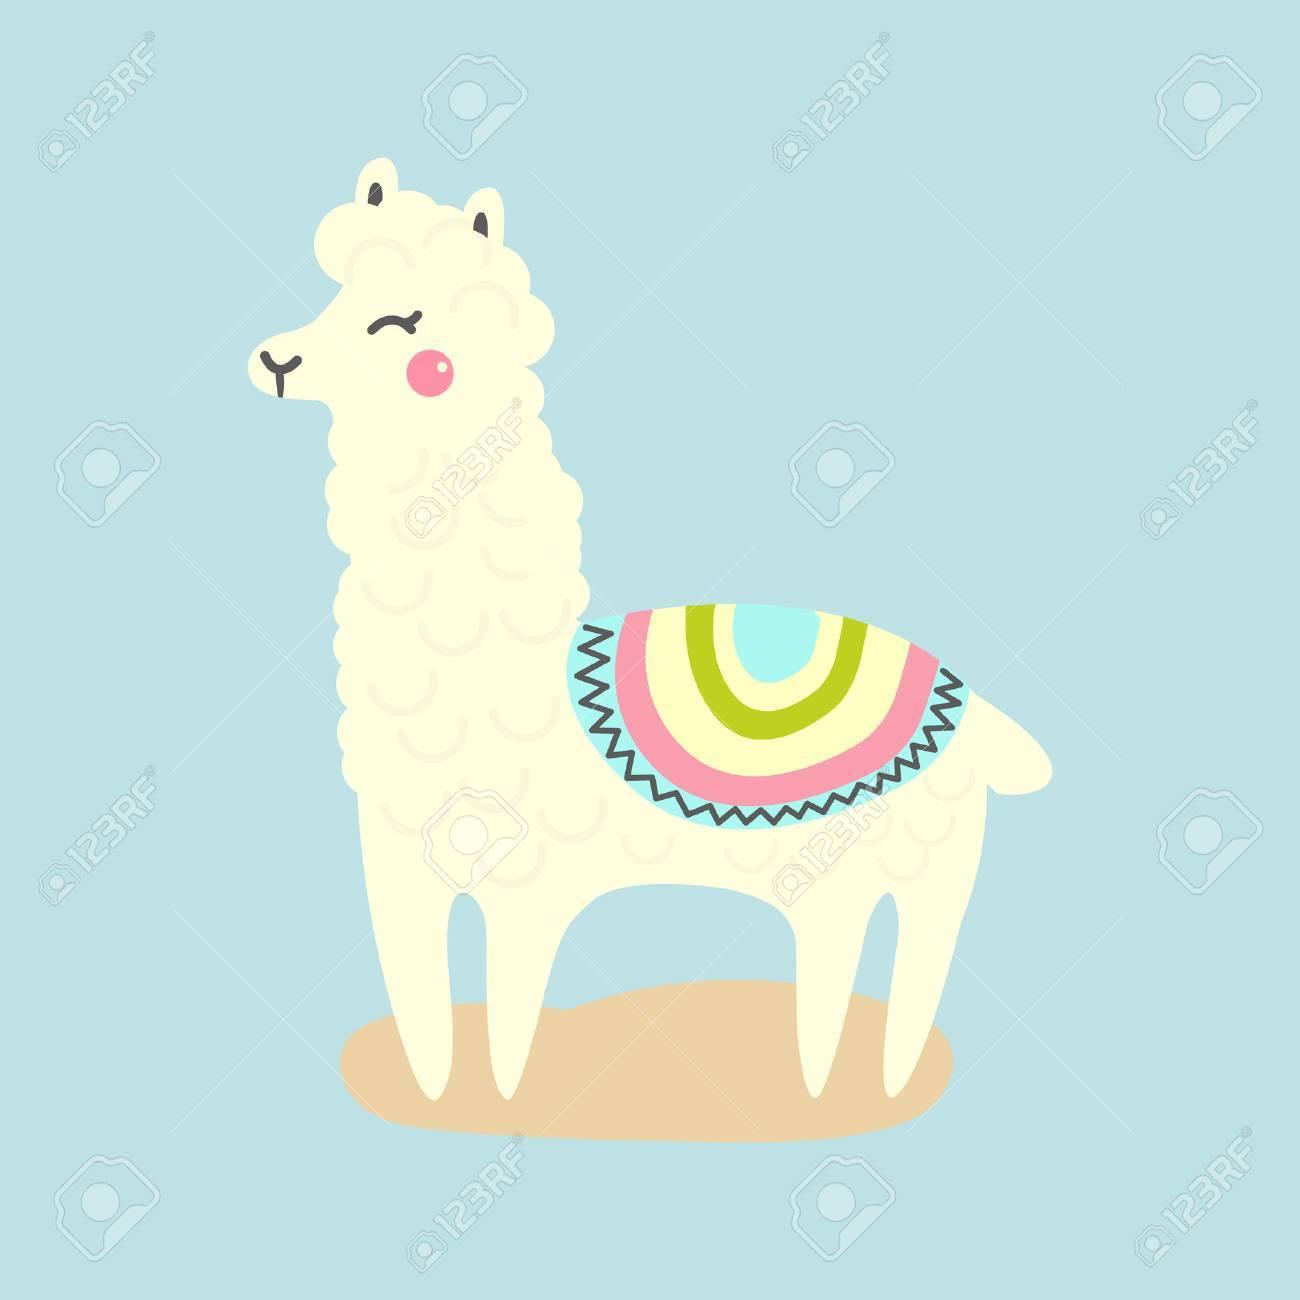 llama cartoon stock photos. royalty free llama cartoon images